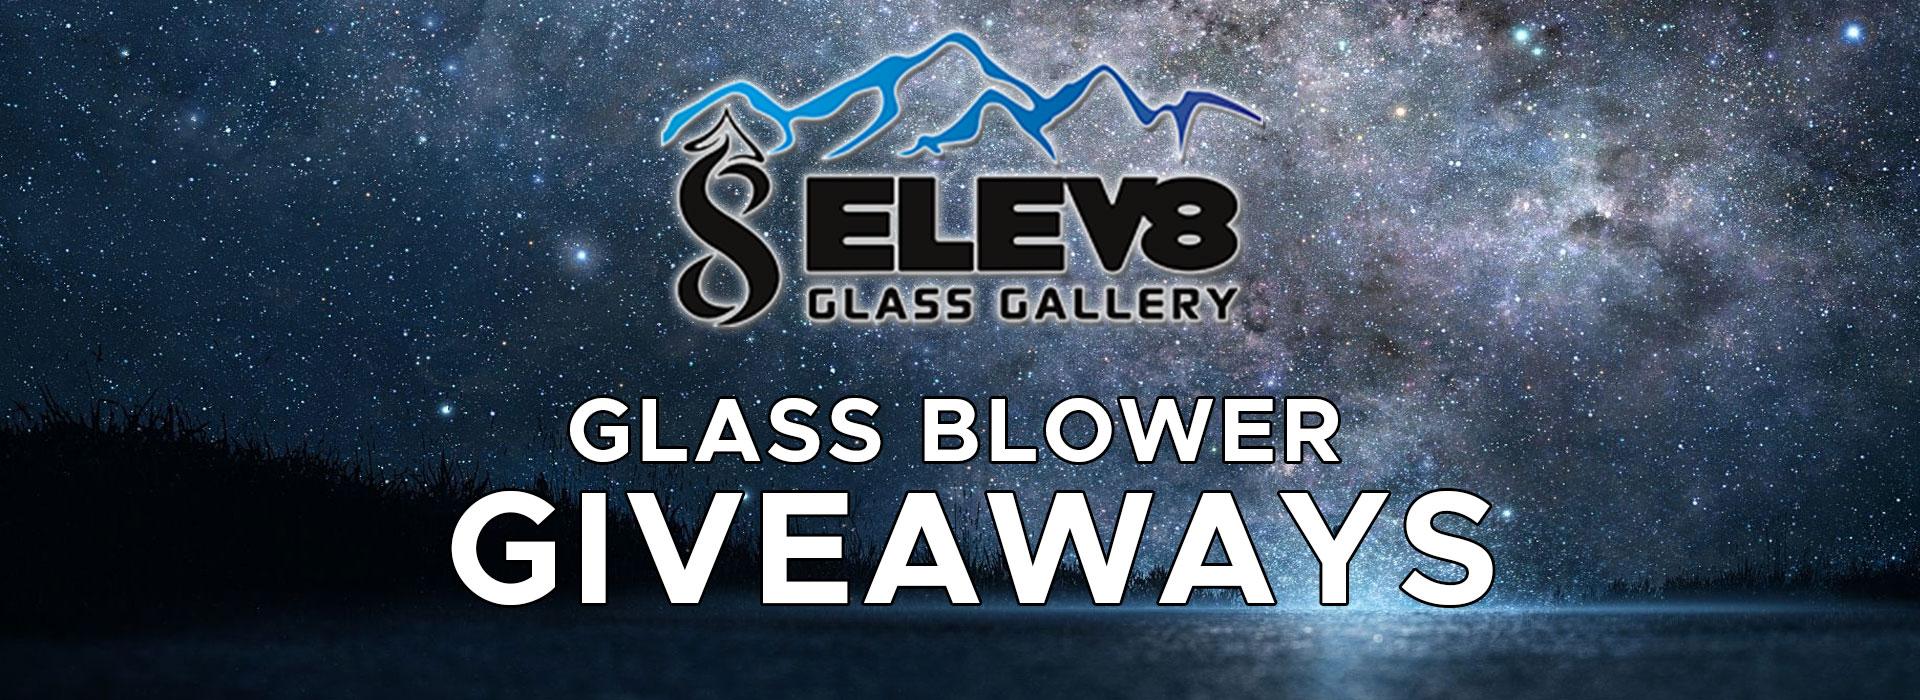 11f2f-glassblower-giveawat-banner.jpg